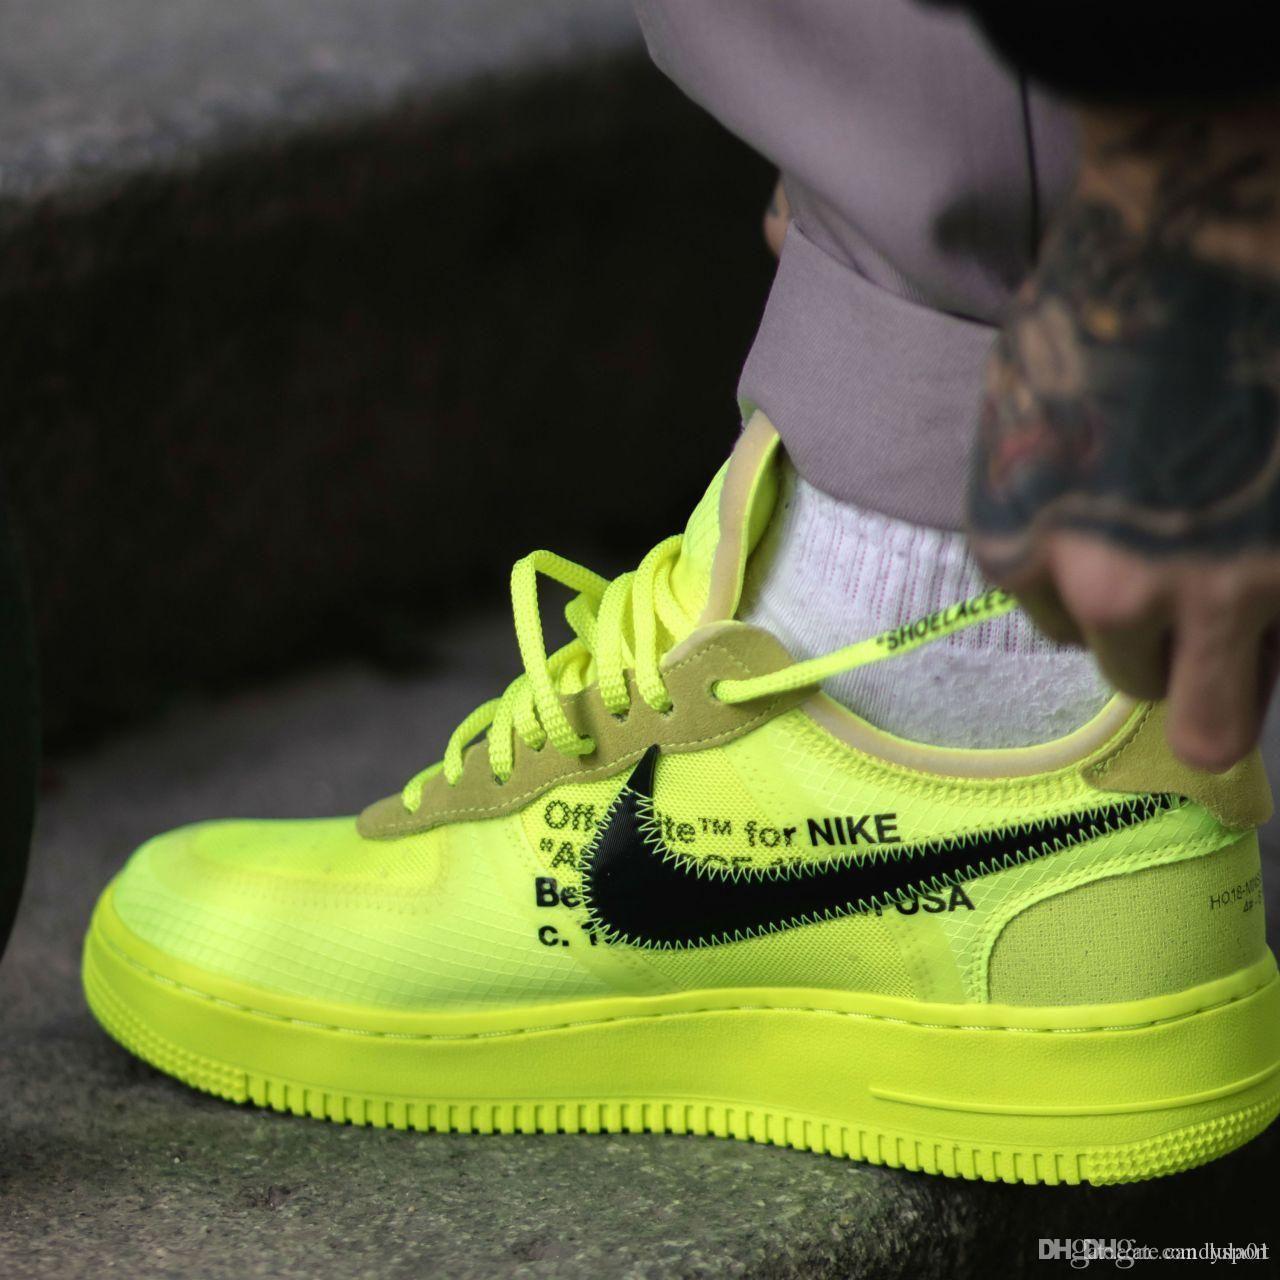 Gros Une En Nike Forces De Coussin Course 1 Airs Nouveau Pour 10x Utility Force Low Air Flyknit Chaussures Hommes JluKTcF135